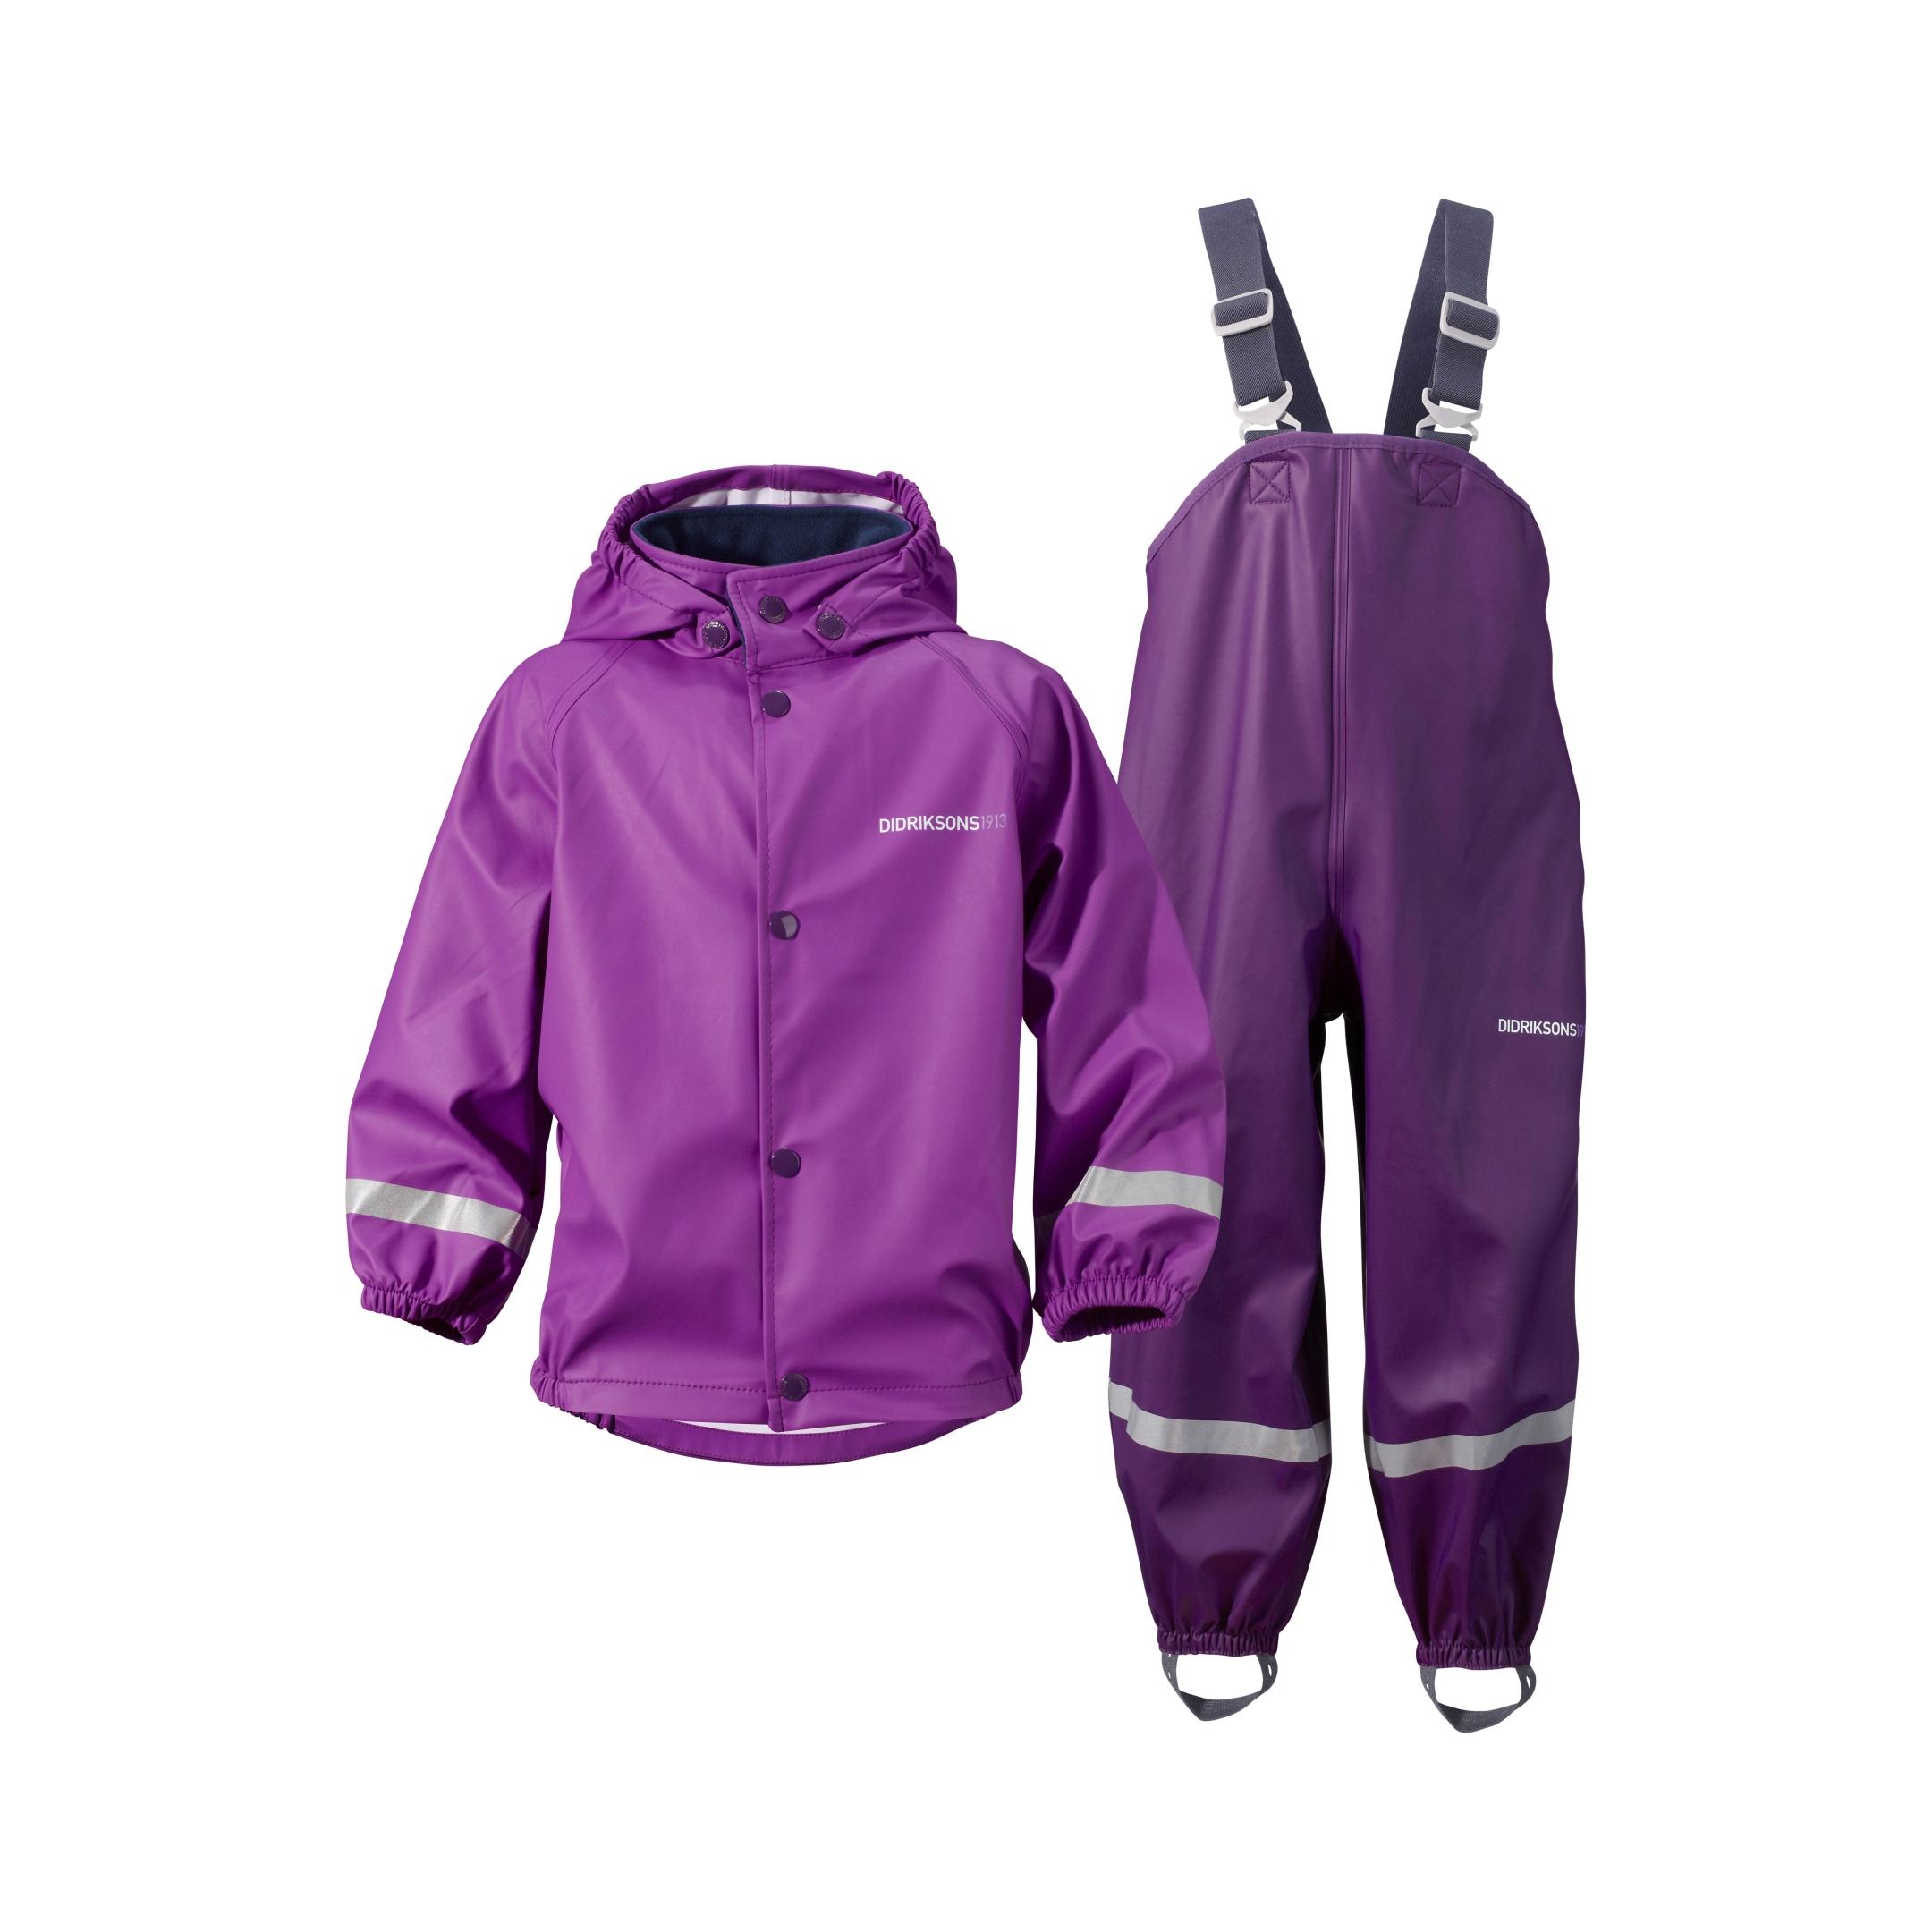 Дидриксон детский костюм дождевой SLASKEMAN + средство для стирки, - фото 8